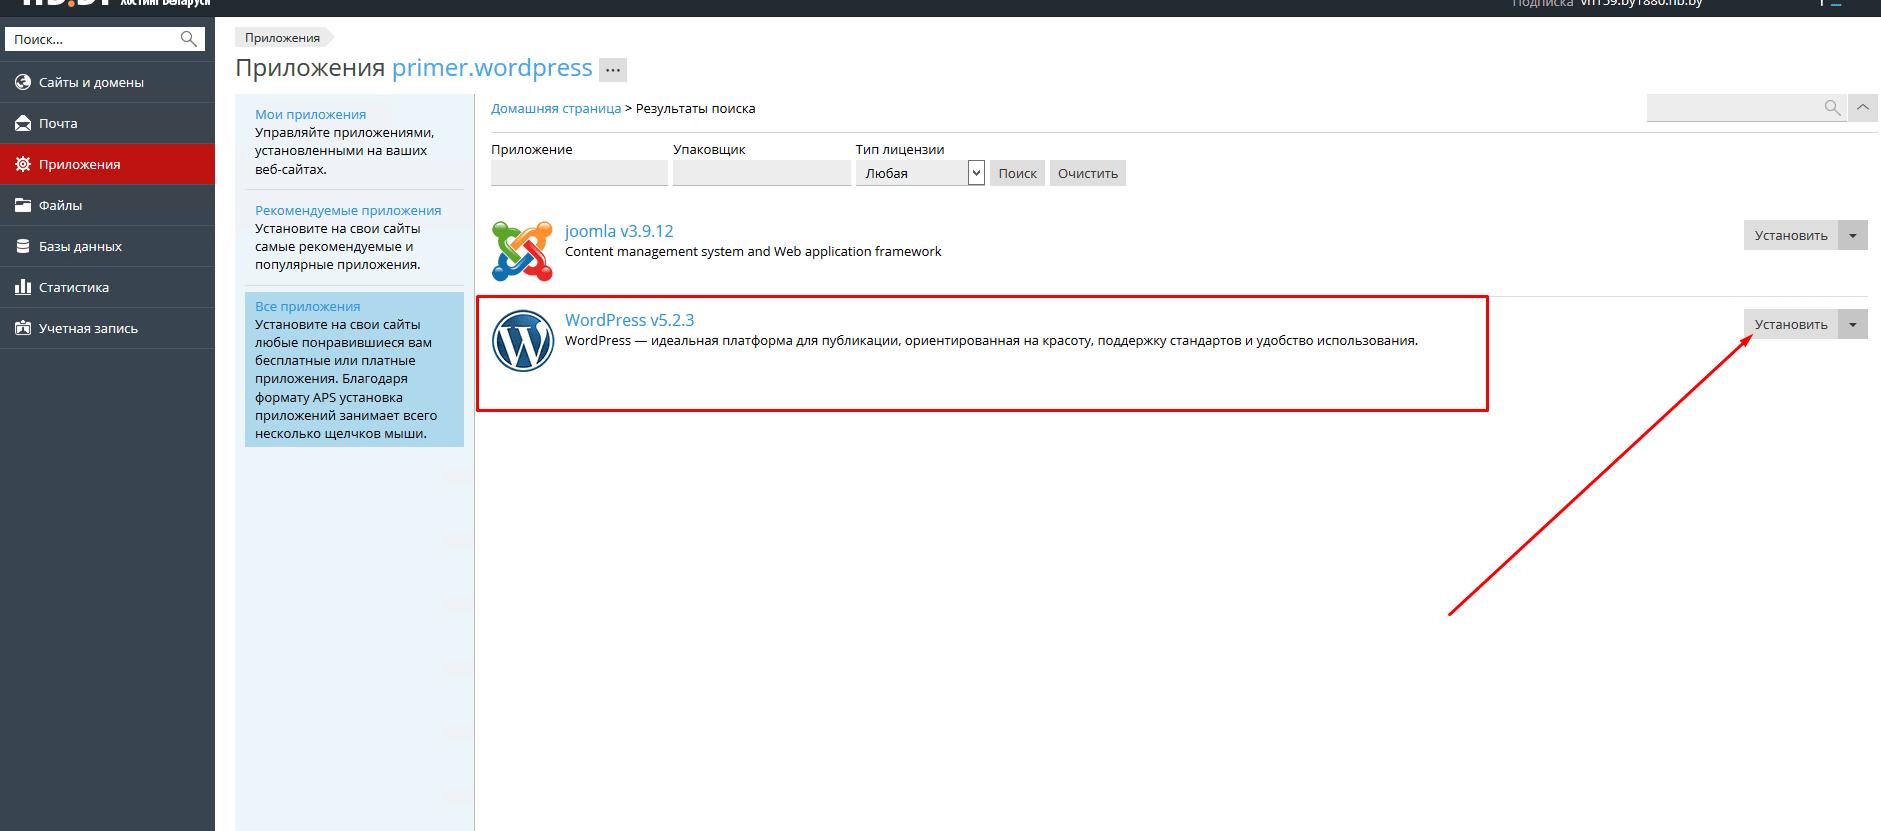 Выбираем WordPress и нажимаем установить на странице установки приложений